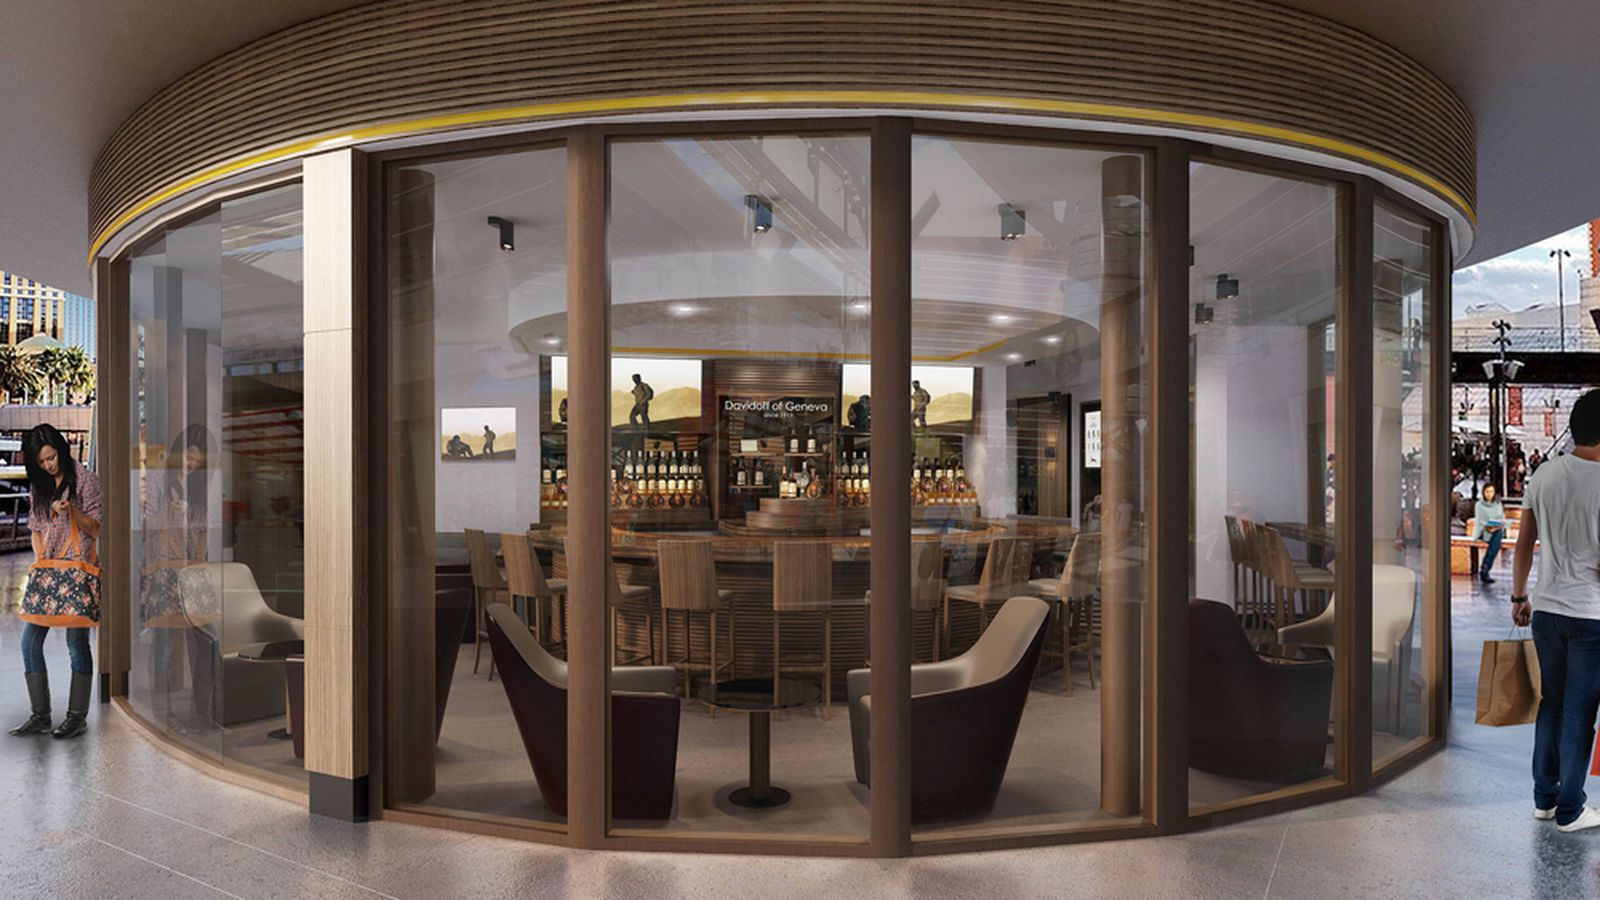 Behold the $1 Million Plan for Fashion Show Mall's Davidoff Cigar Bar